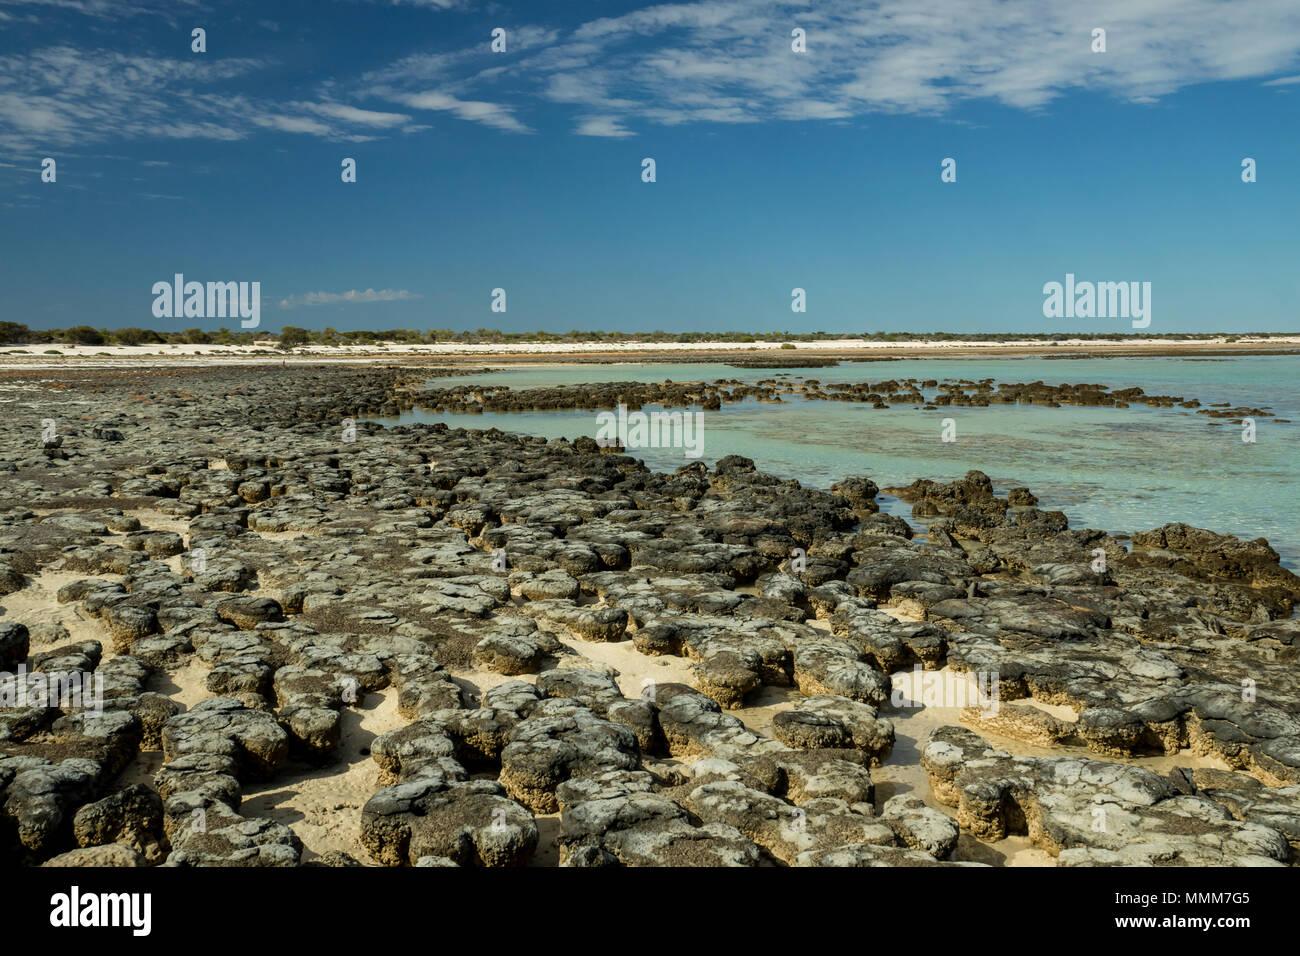 The Hamelin Pool Stromatolites, oldest living organismes on Earth, near Denham in Western Australia. - Stock Image